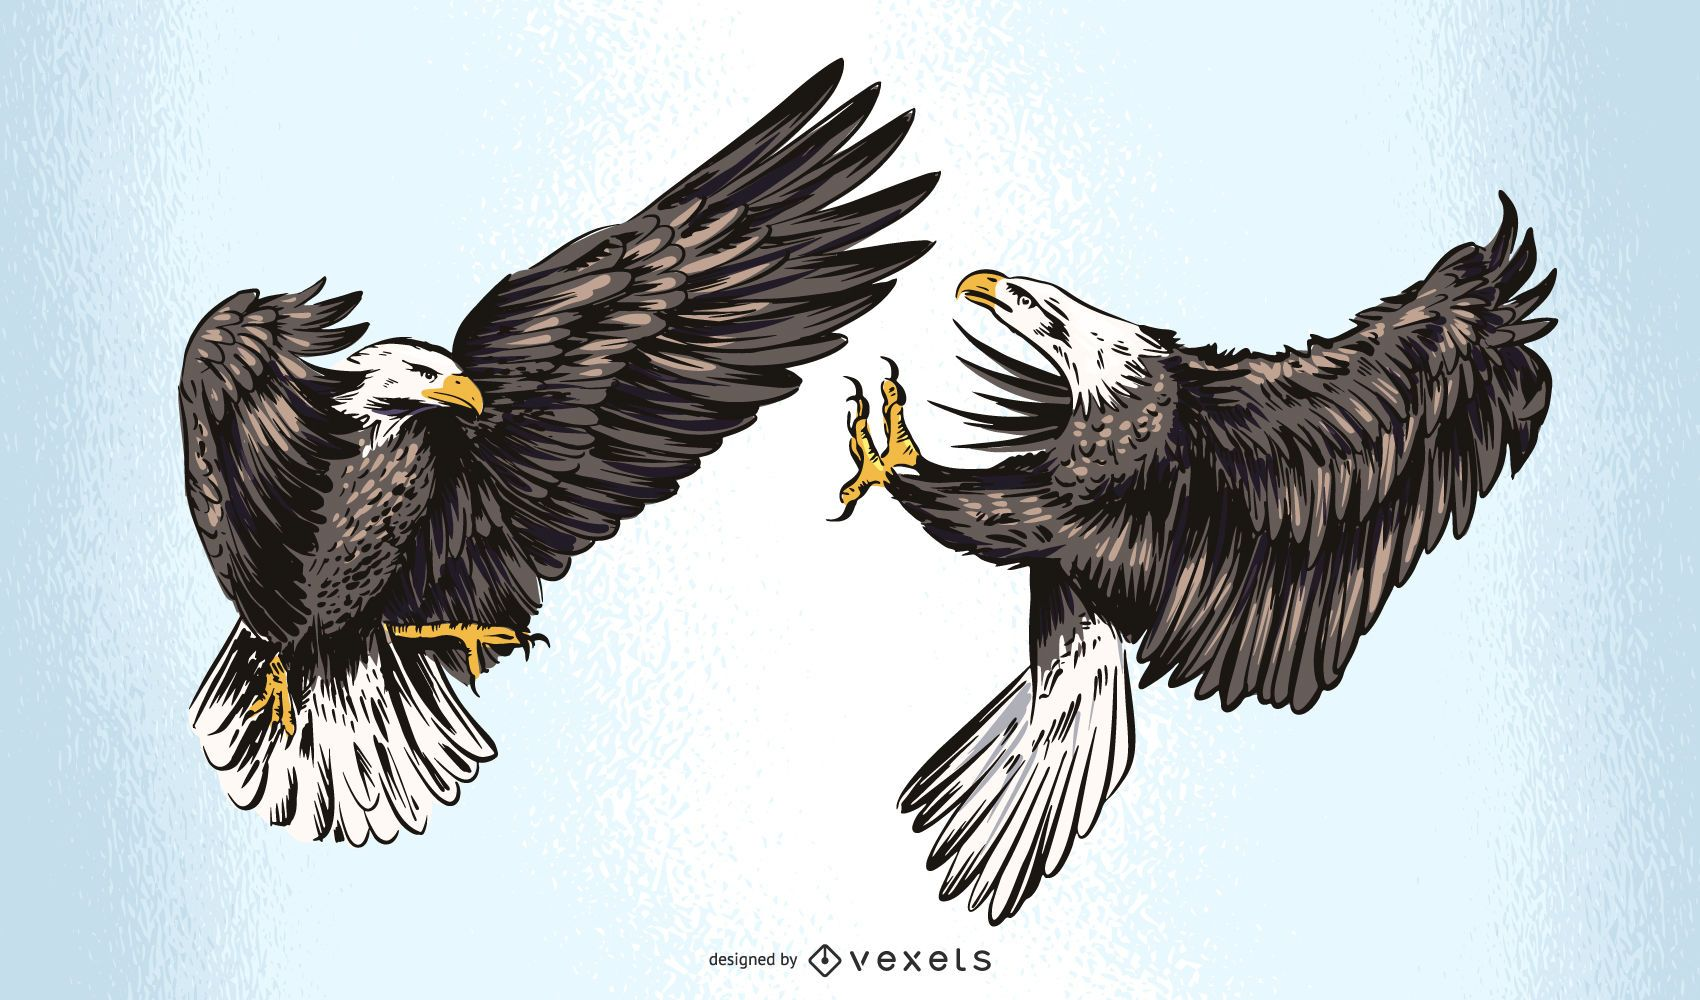 Fighting Eagles Illustration Design